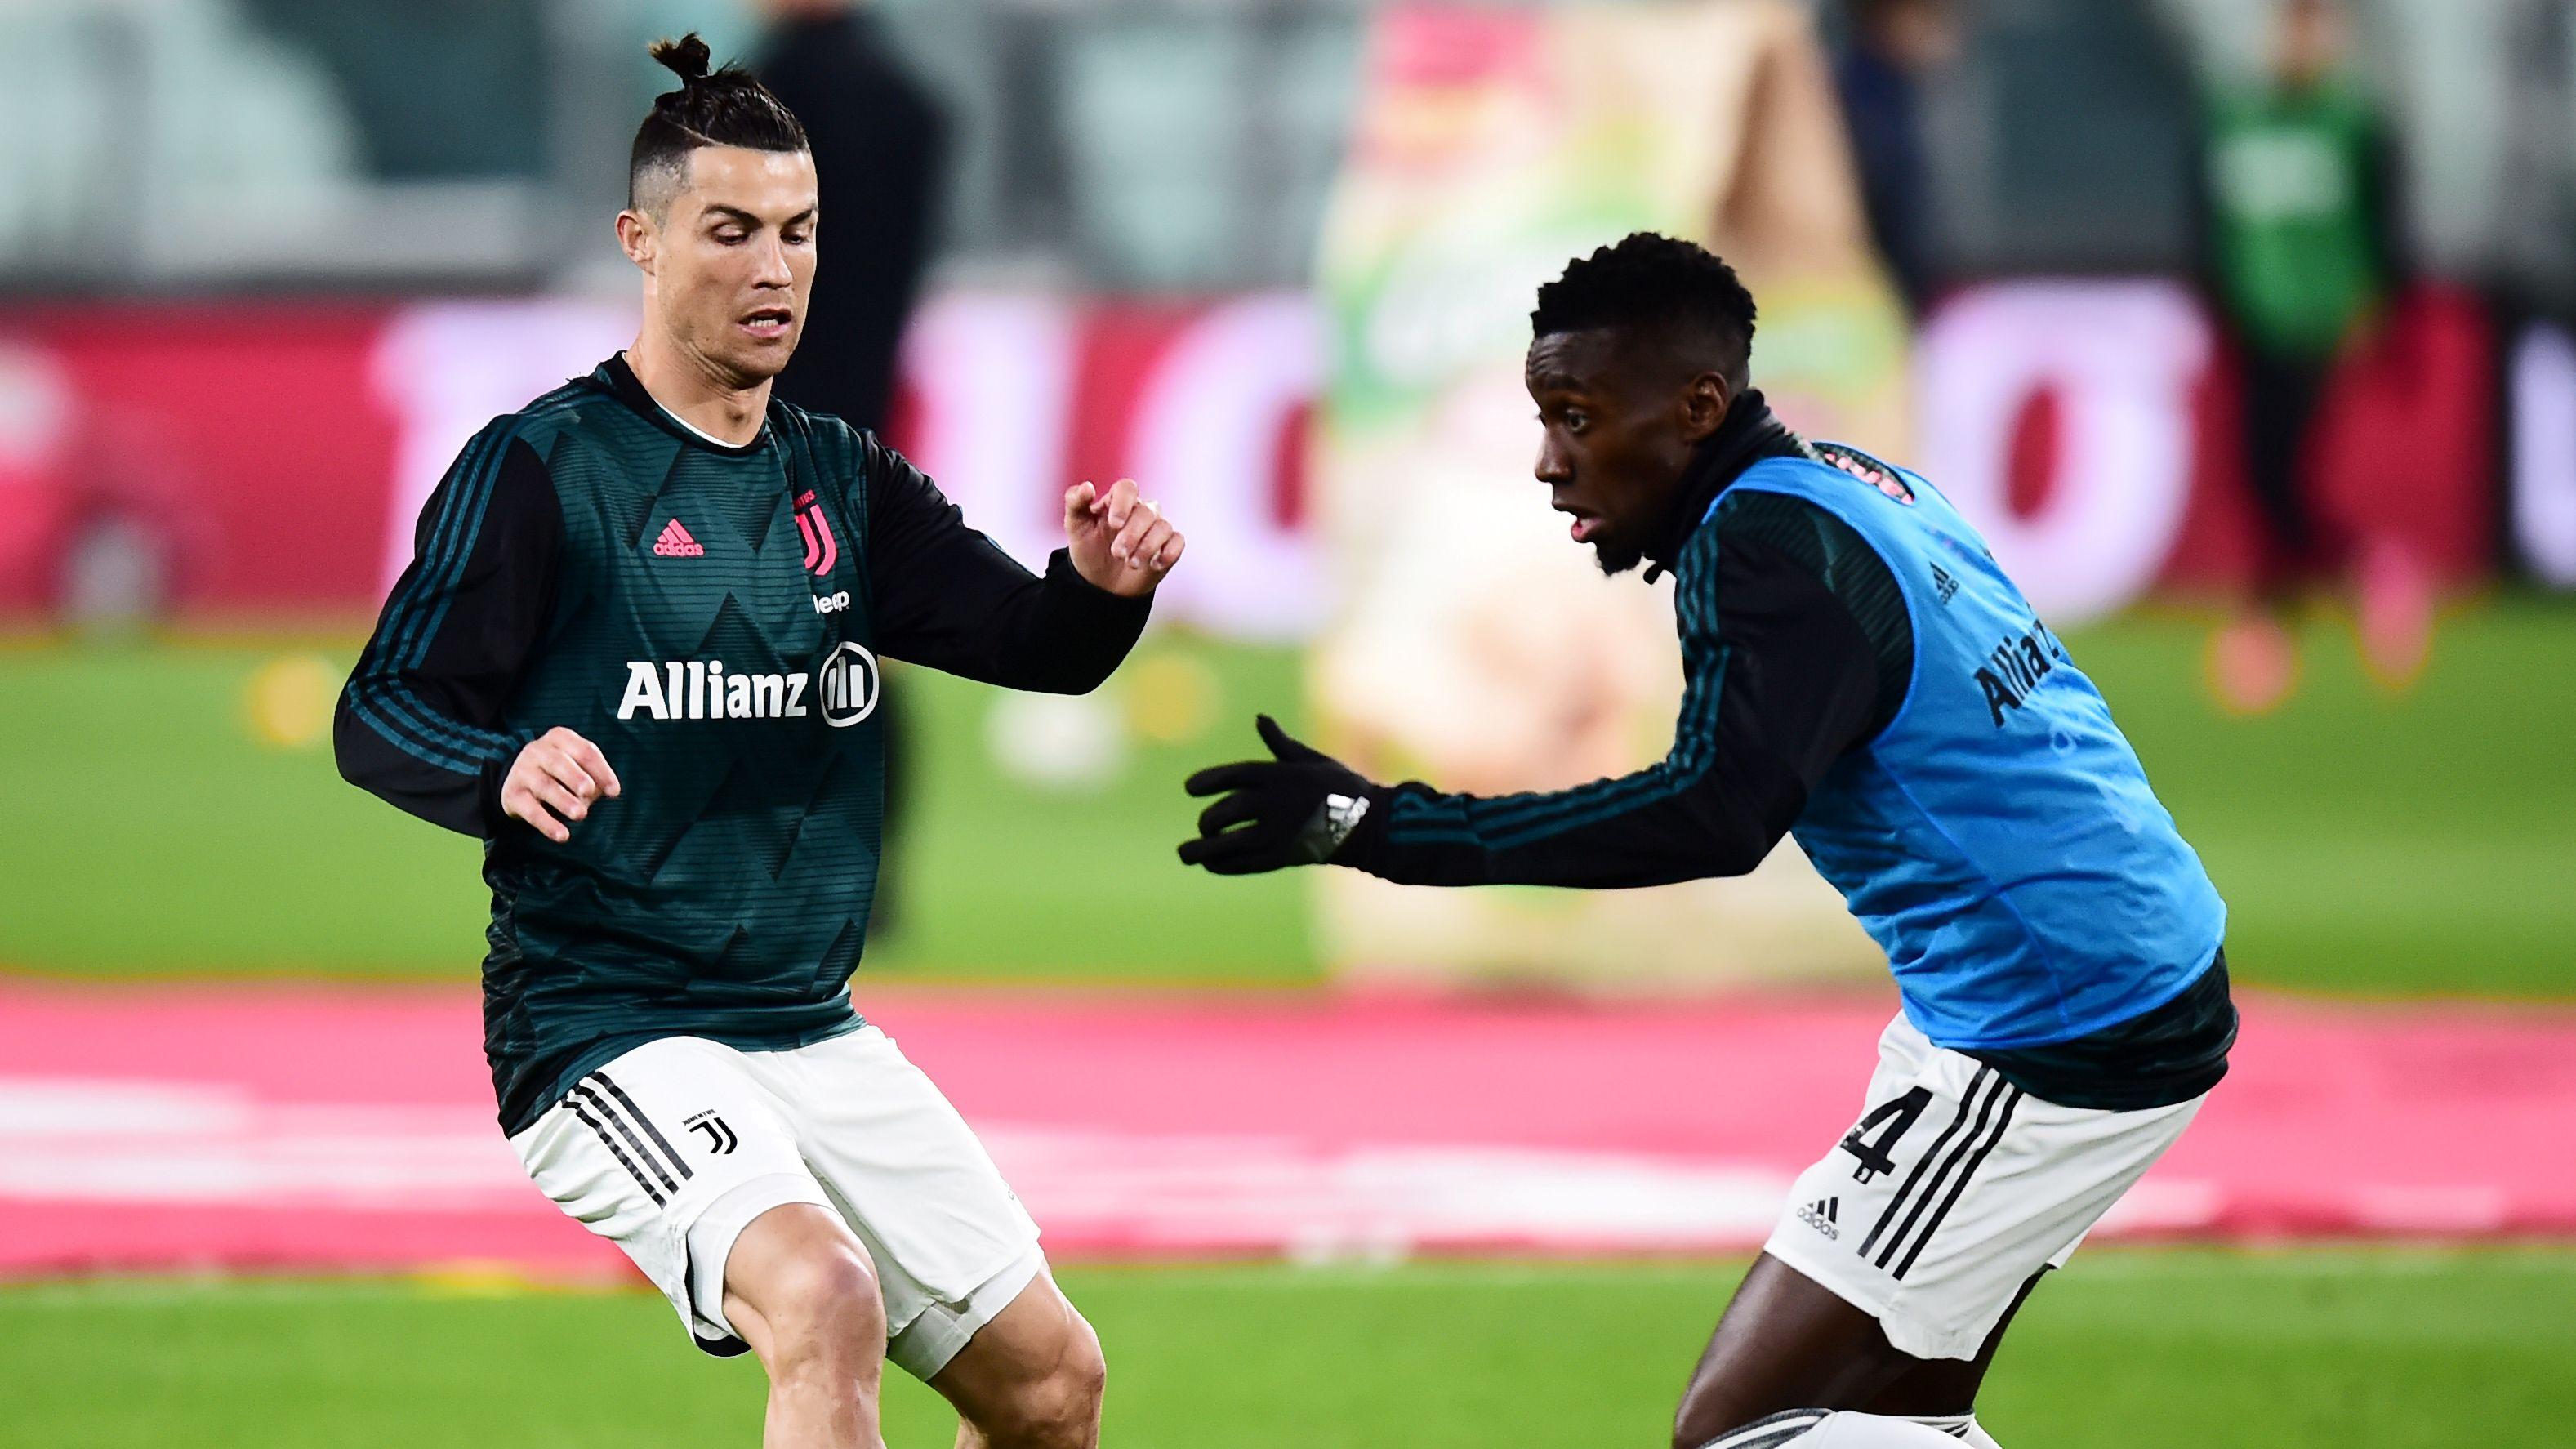 Matuidi partirá rumbo a la MLS - REUTERS/Massimo Pinca